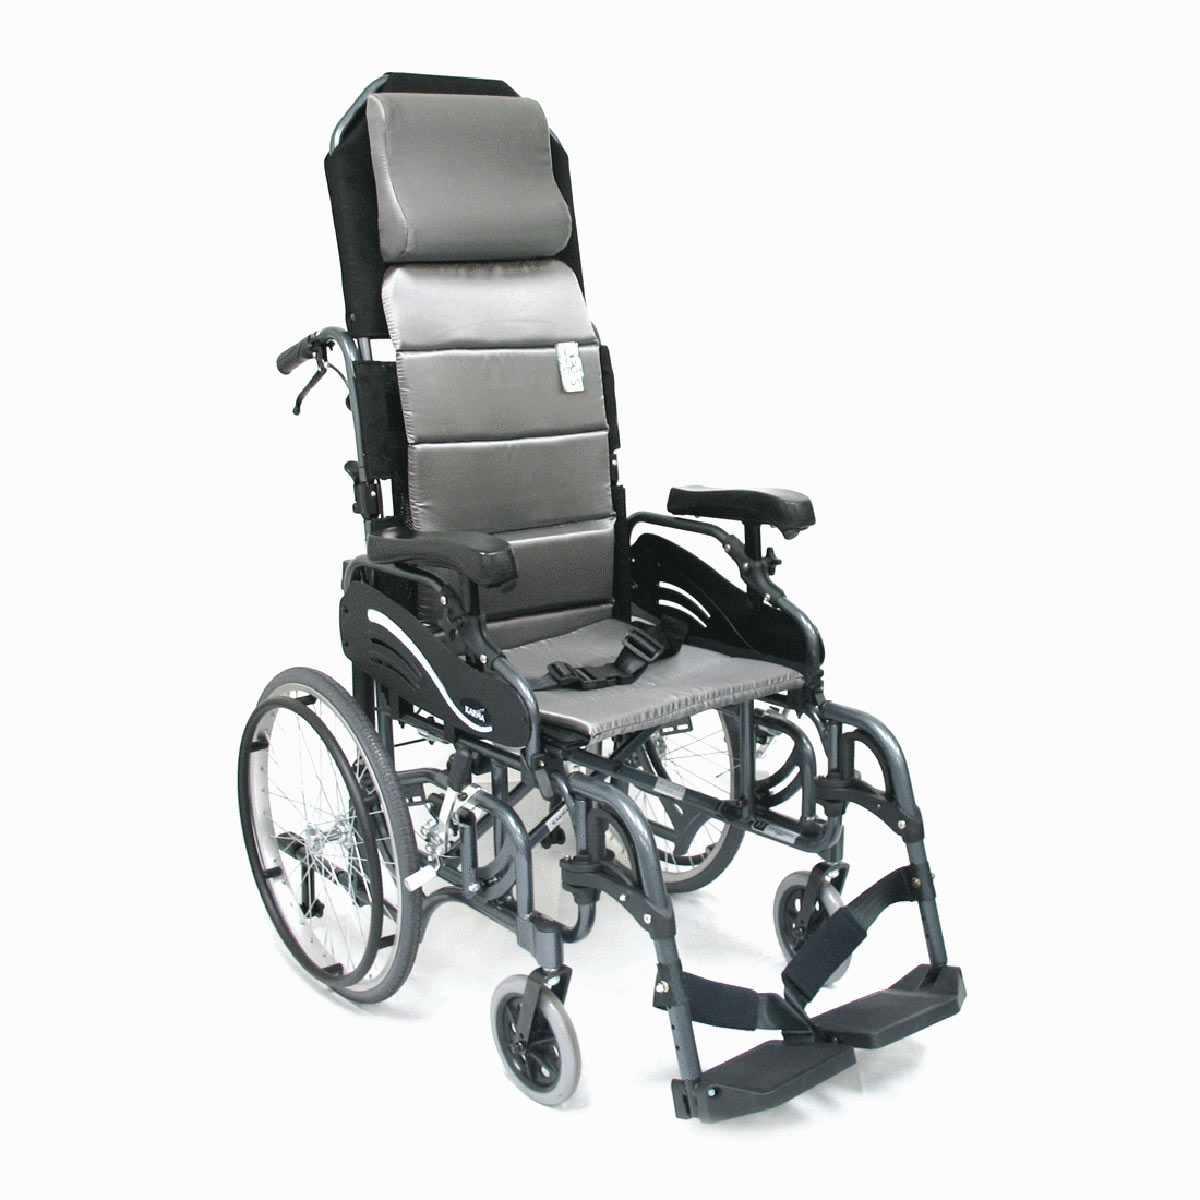 Karman healthcare foldable tilt-in-space wheelchair